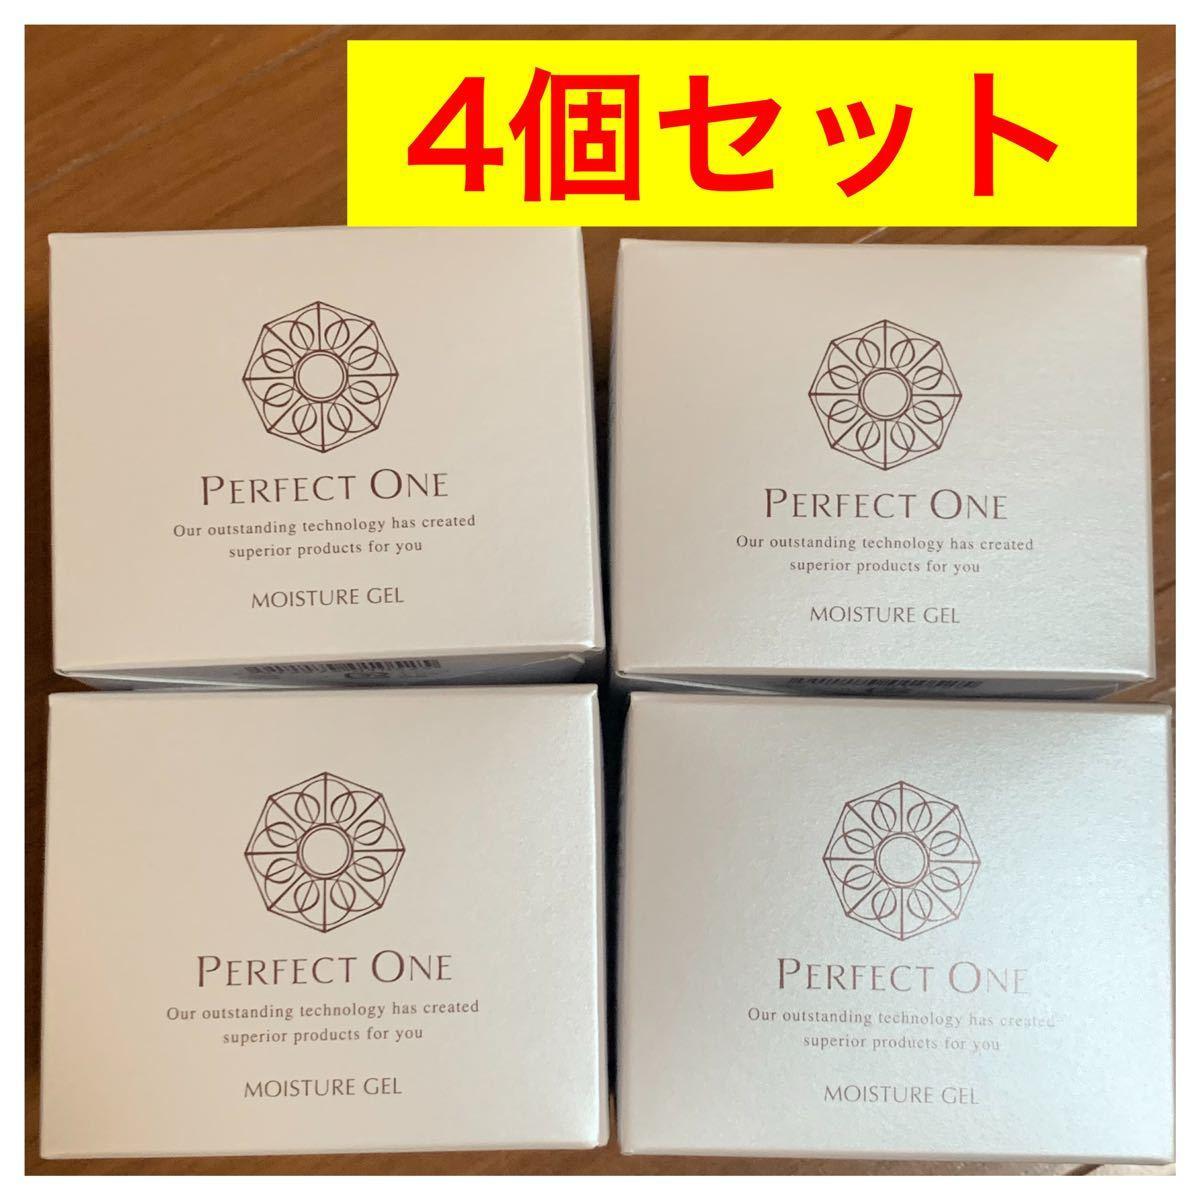 パーフェクトワン モイスチャージェル 75g×4個 新日本製薬 新品 オールイン